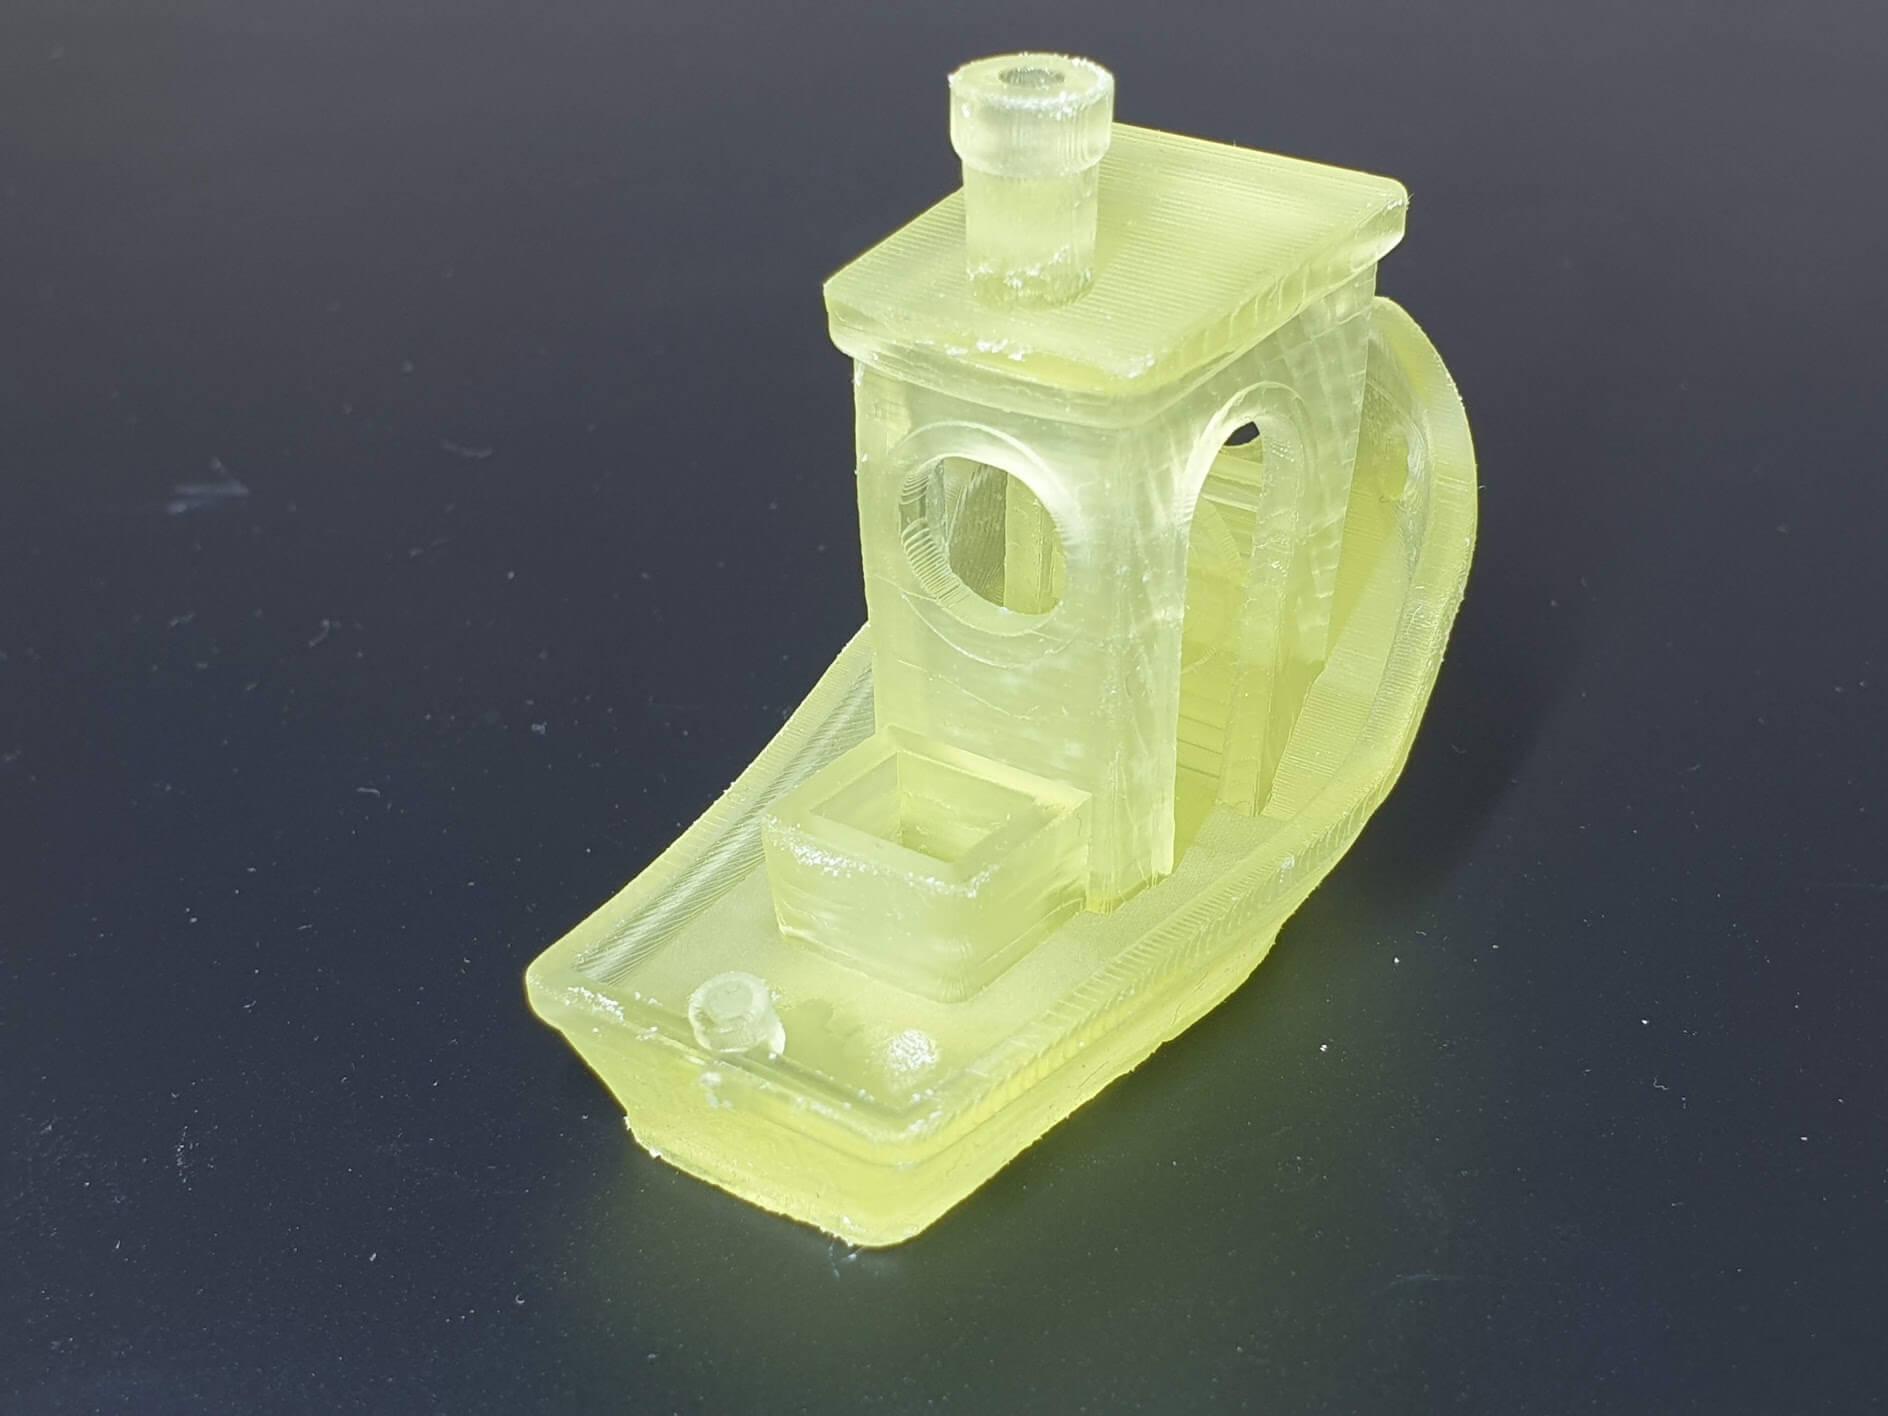 Tenacious Resin 3DBenchy